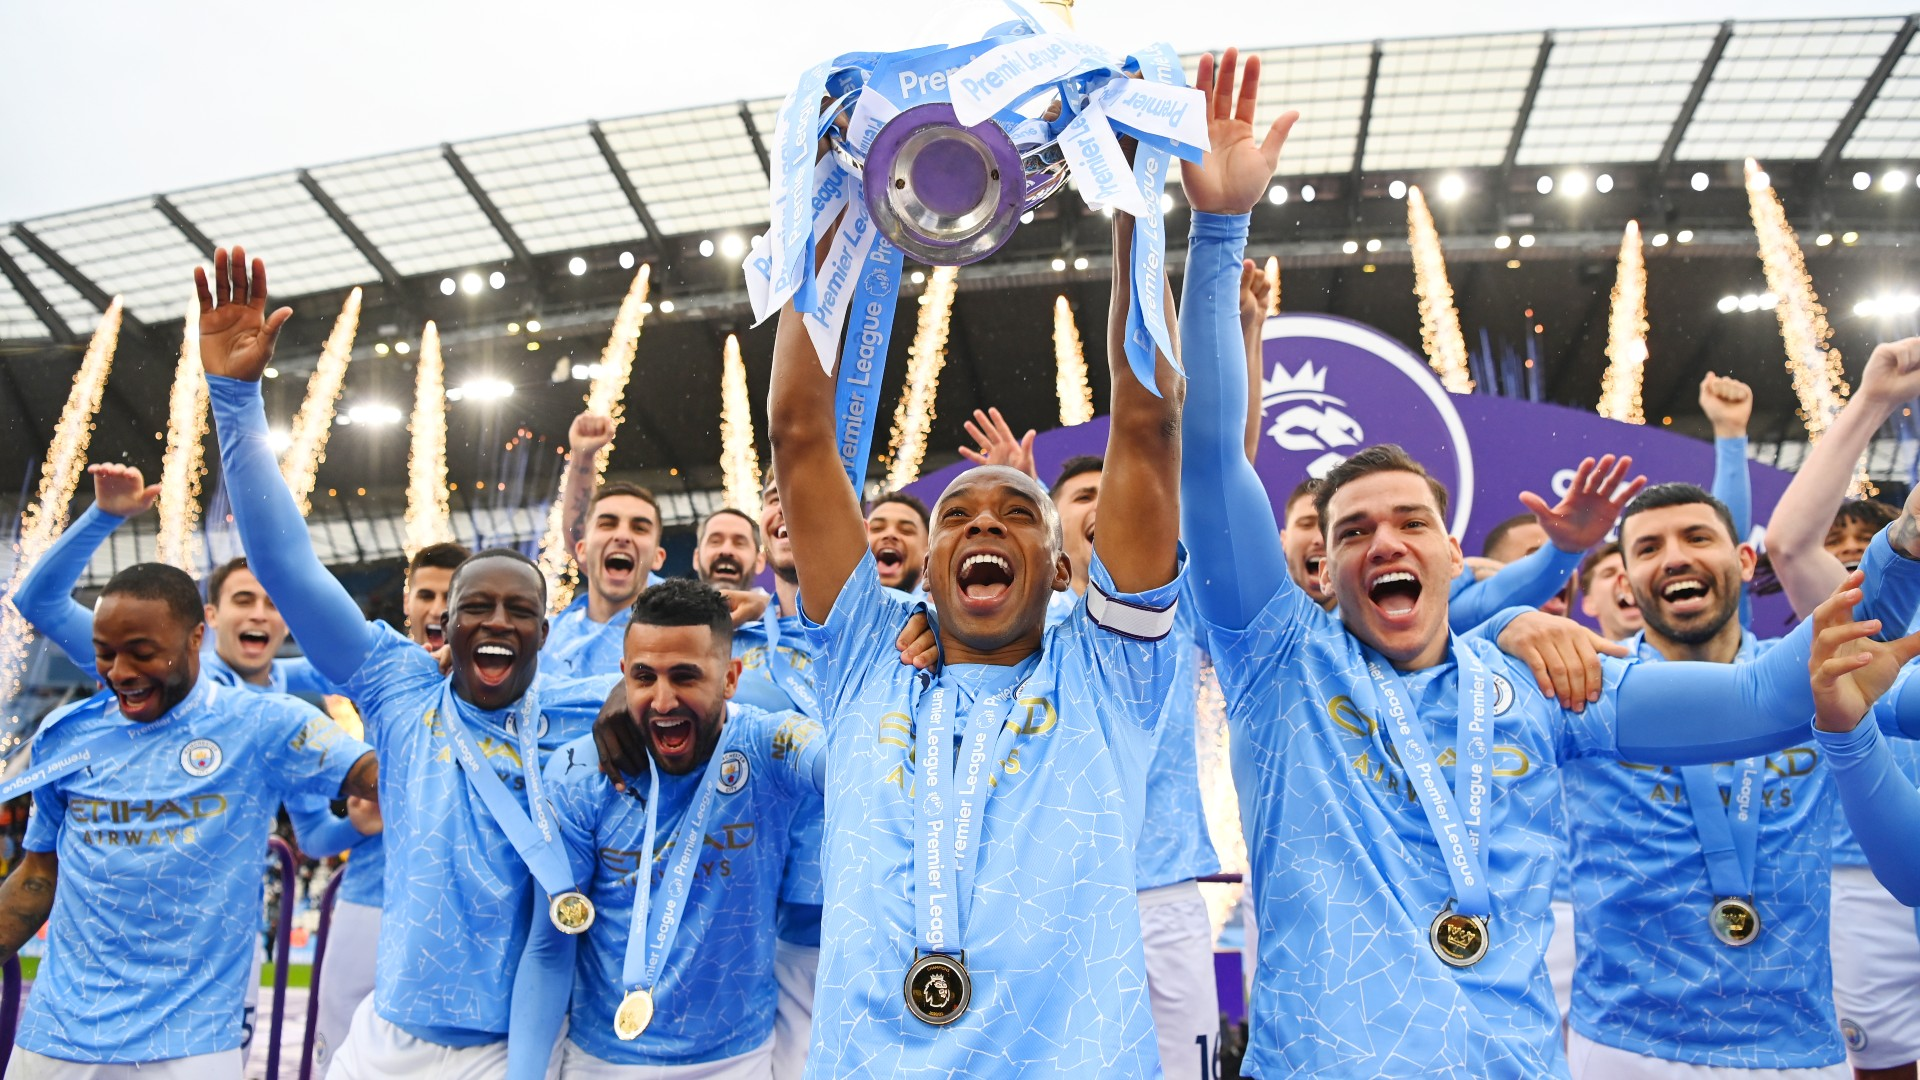 manchester city hoist 2021 premier league trophy 5dncru8vrb451hwkgiqp7z88p